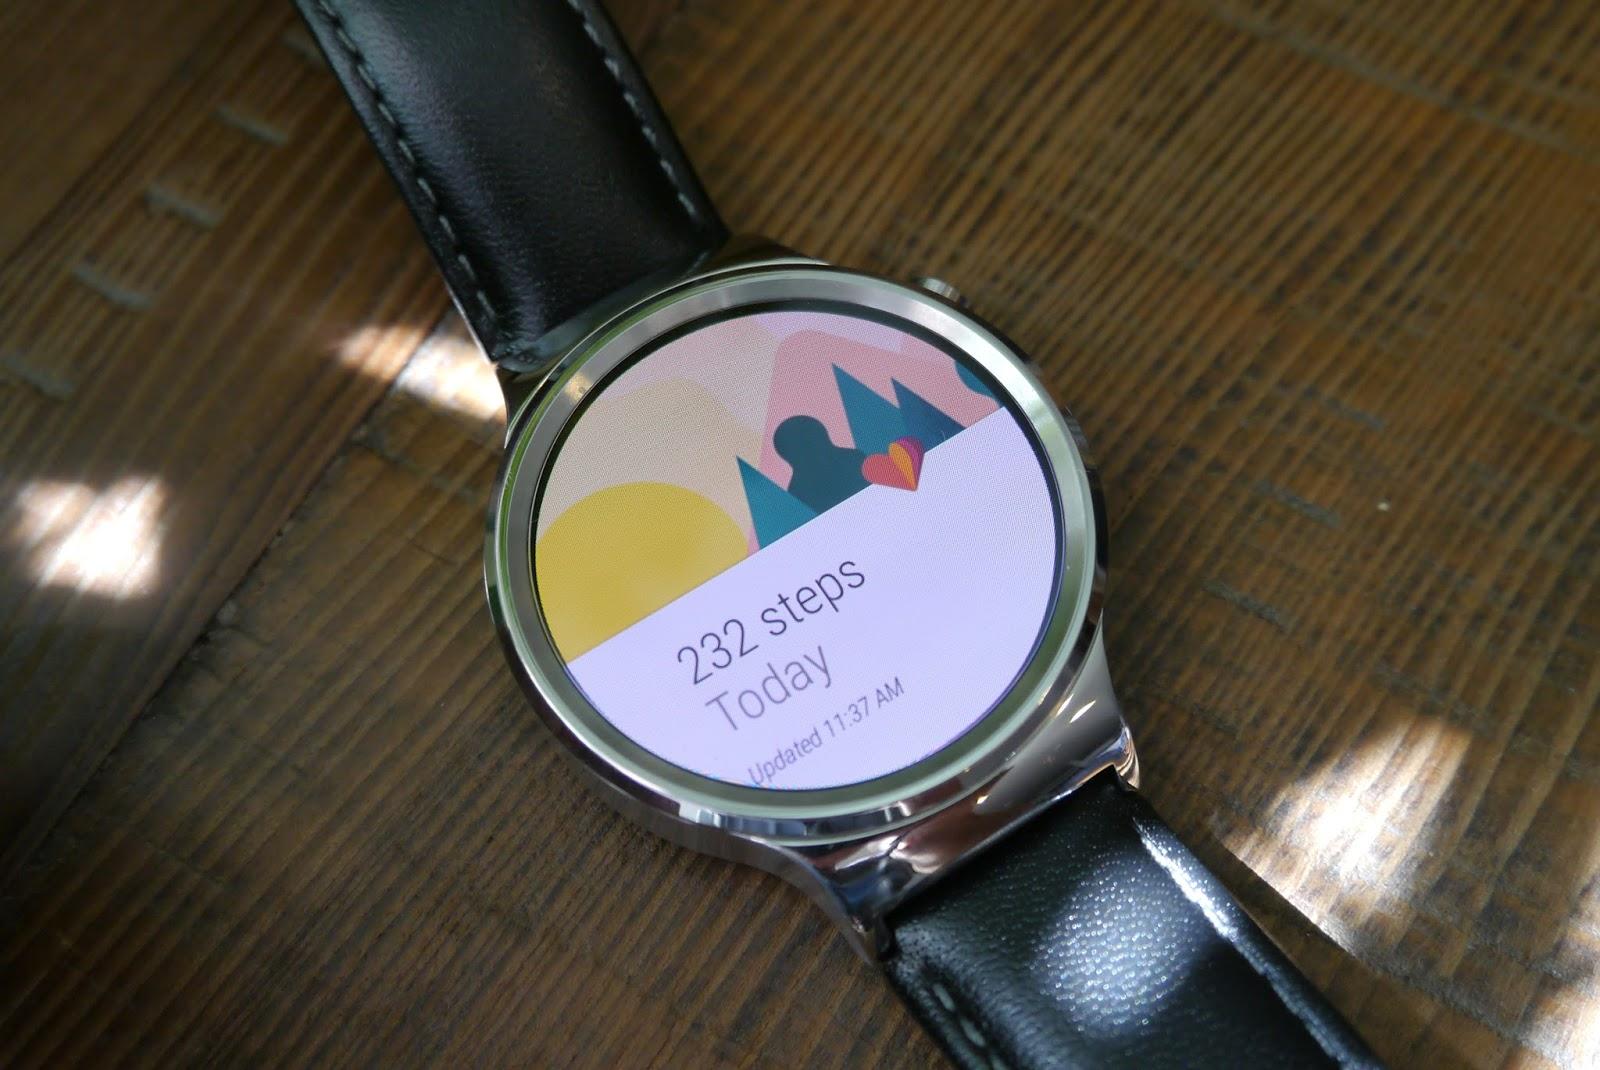 華為智慧型手錶 HUAWEI Watch 運動功能開箱測試-KNOX LIVE WILD-Knox Yang∣風格評論-GQ瀟灑男人網